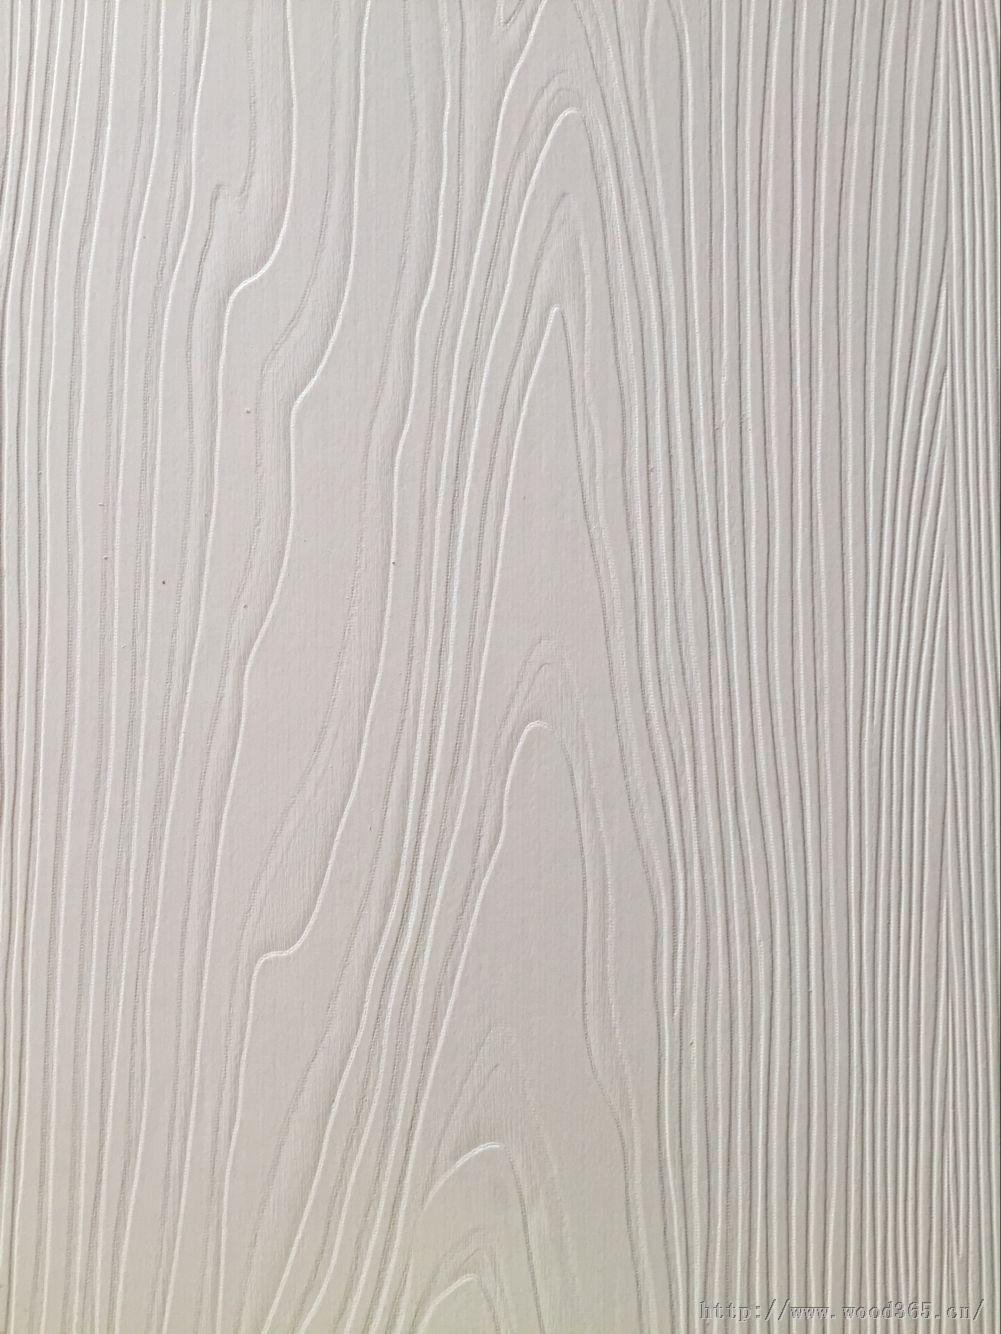 供应三聚氰胺5厘背板、生态板、免漆板、橱柜专用背板